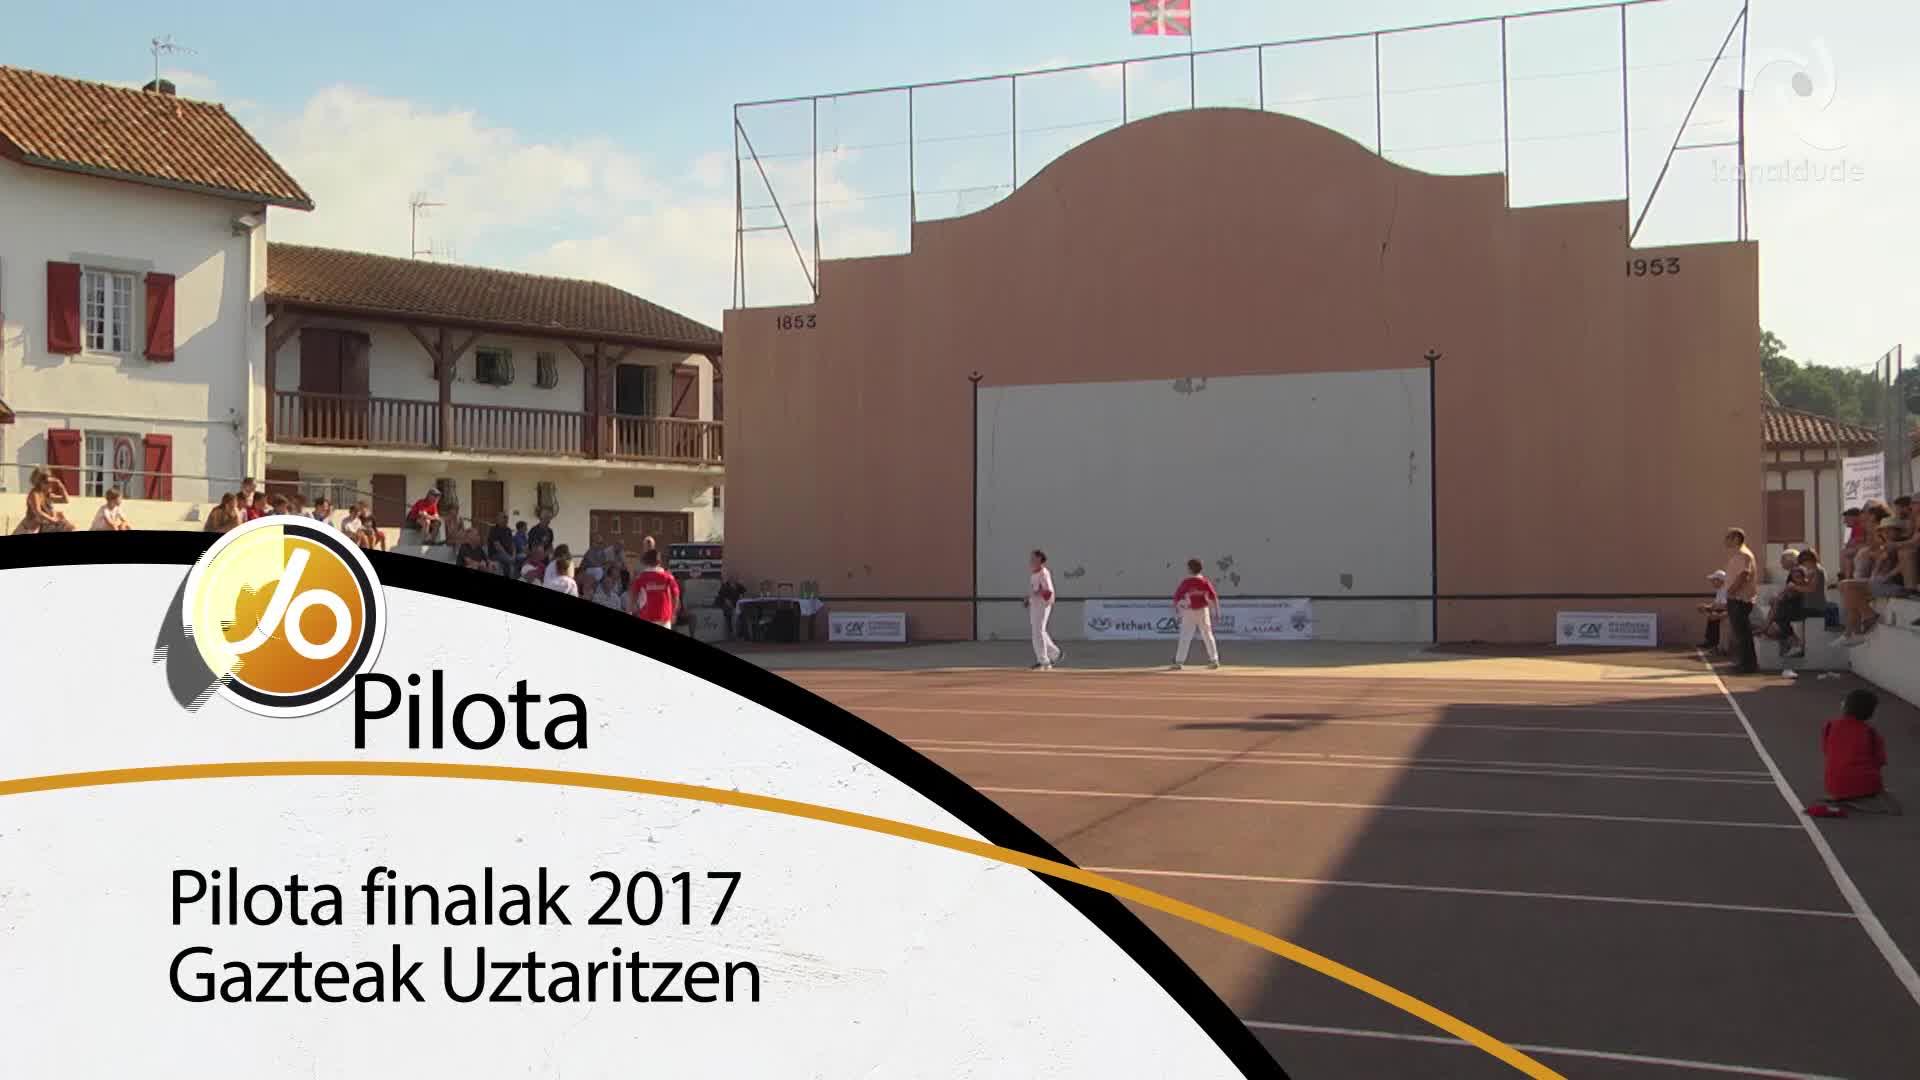 Pilotako finalak 2017 Gazteak Uztaritzen